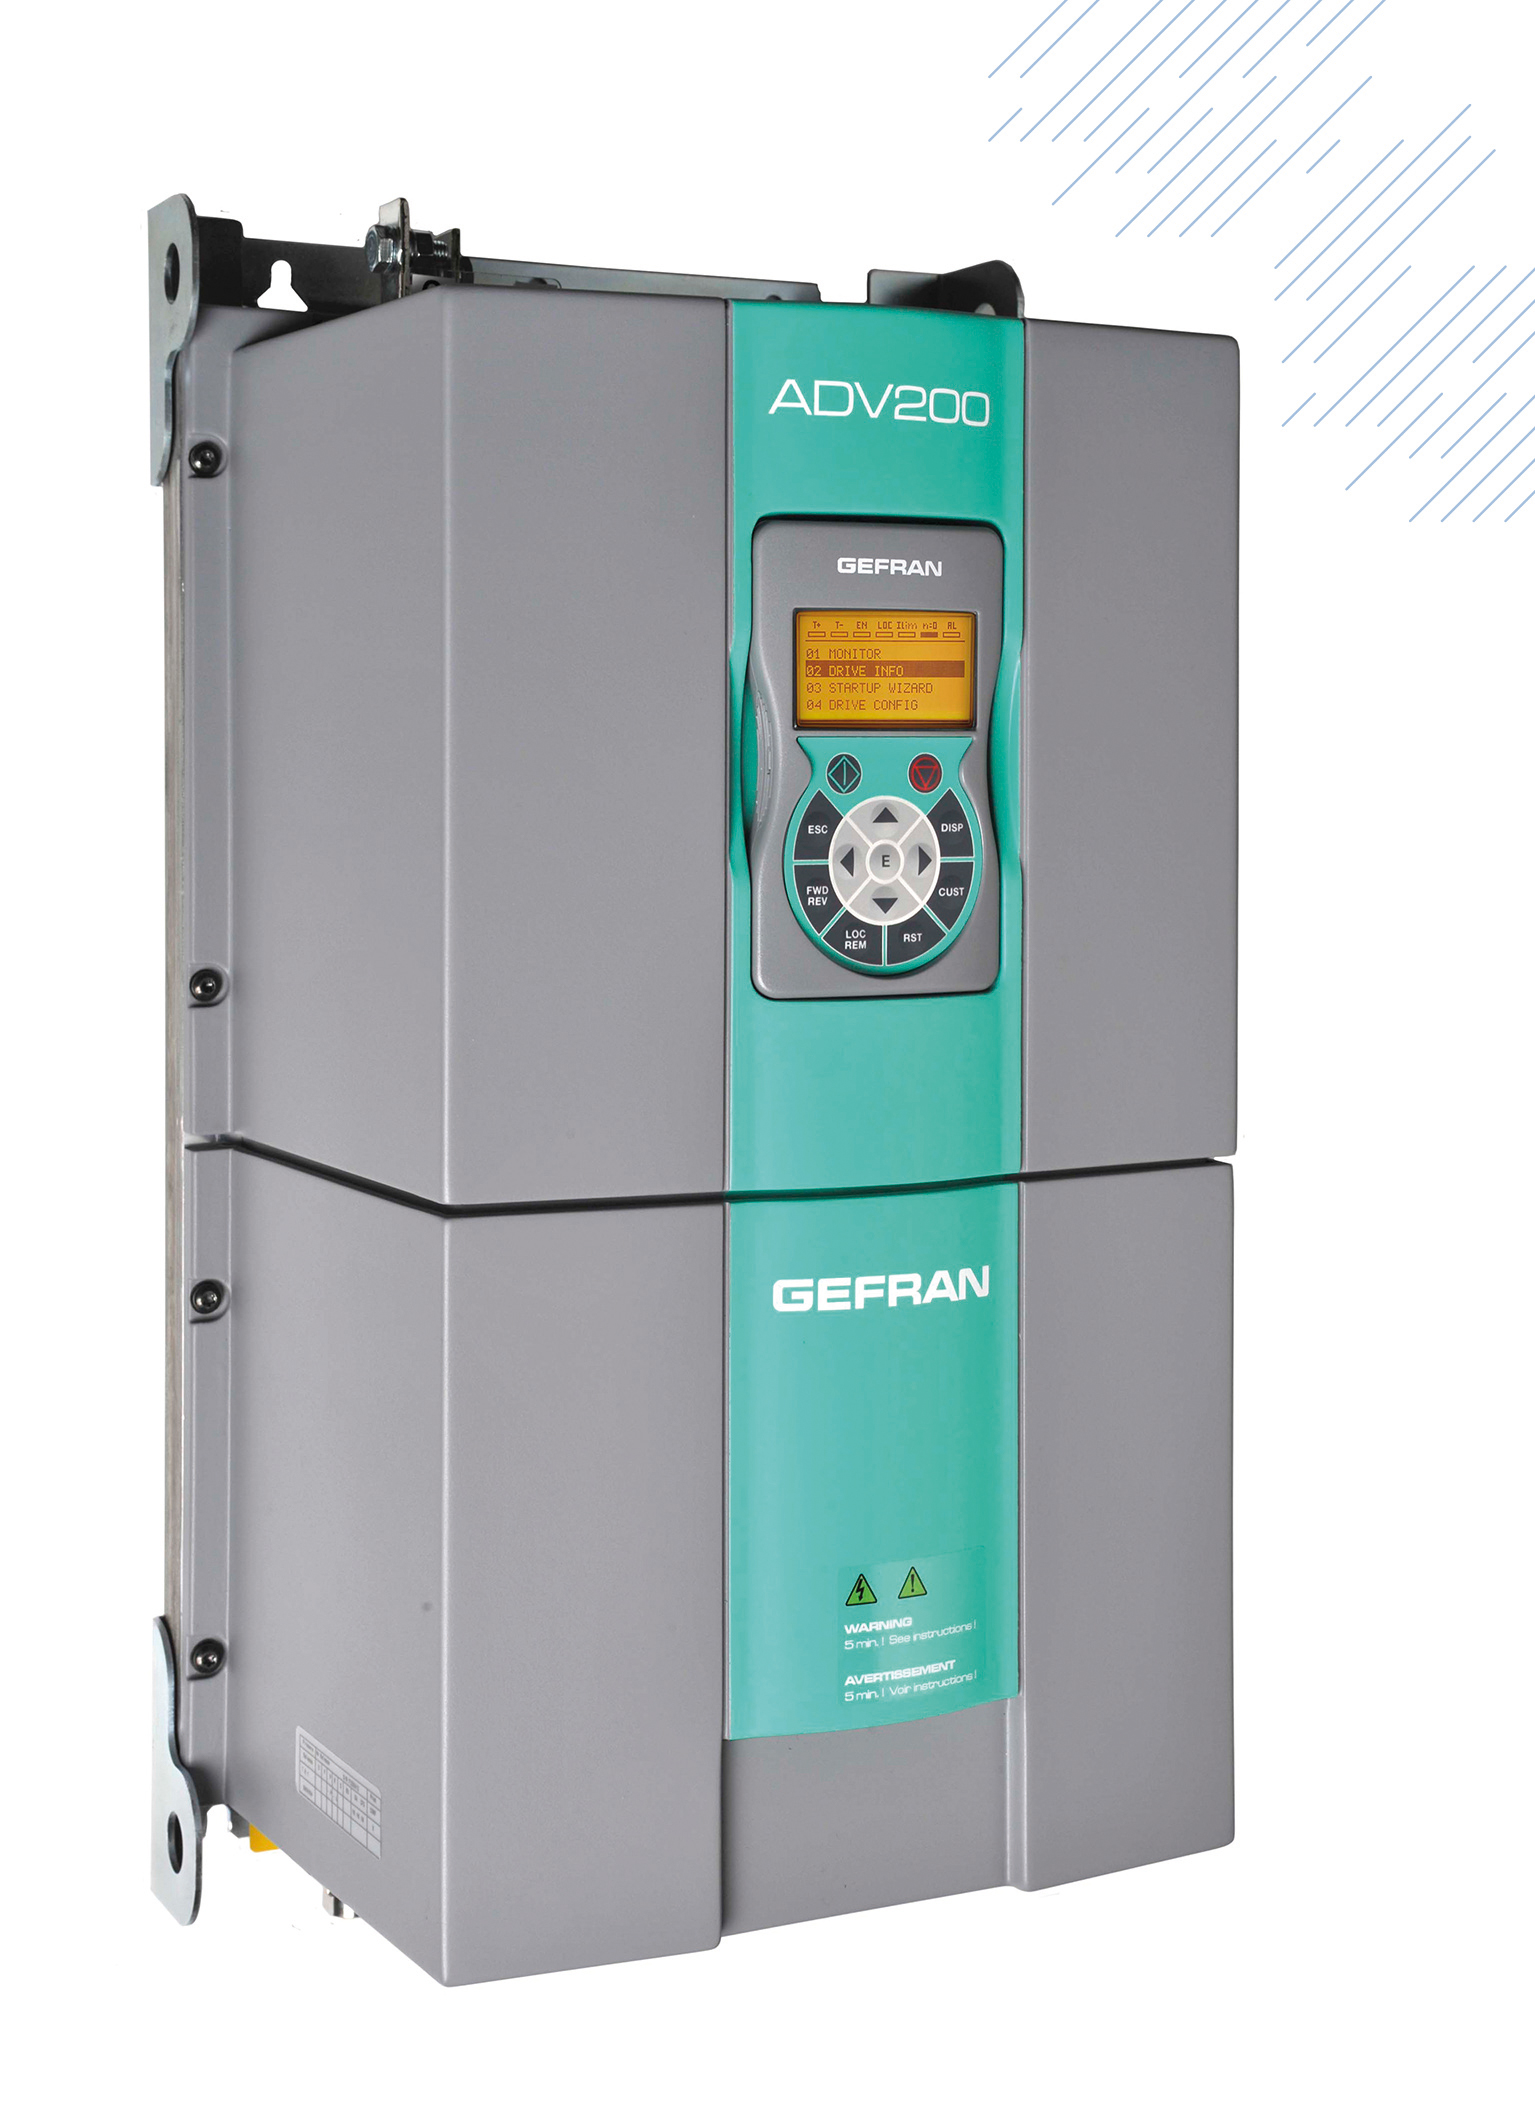 Frequenzumrichter mit Flüssigkeitskühlung